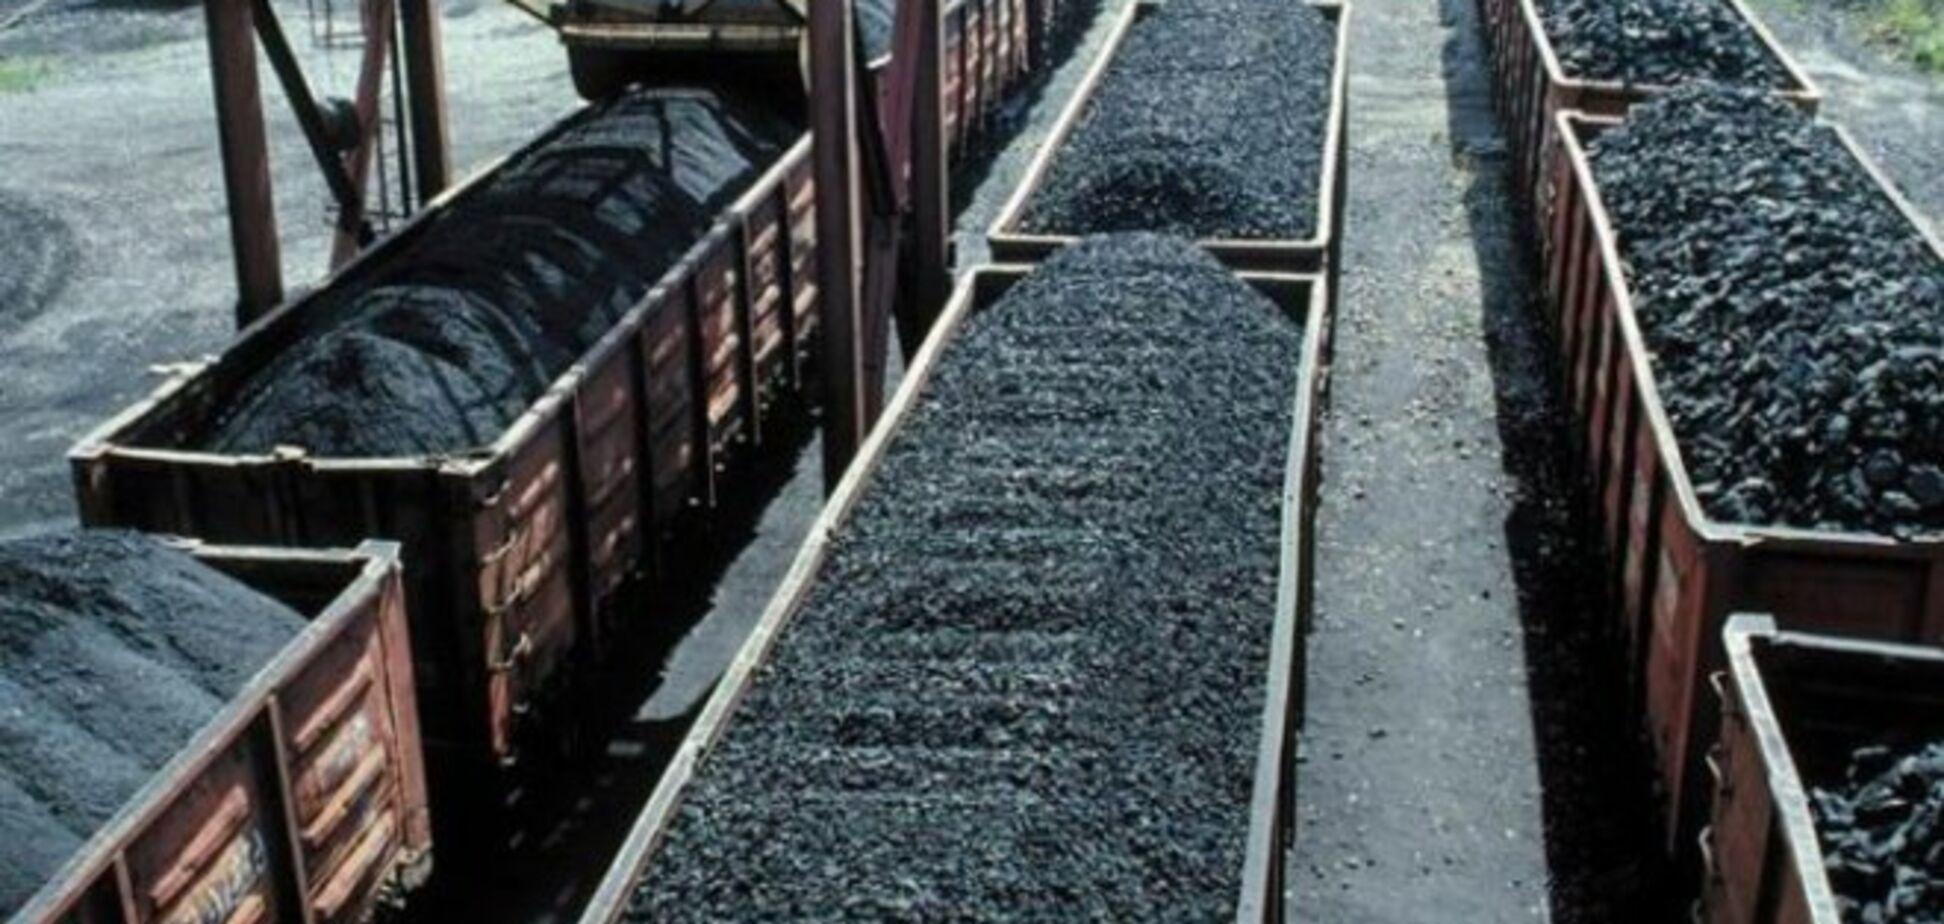 Террористы 'ДНР' собираются отправлять уголь в Иран и Африку